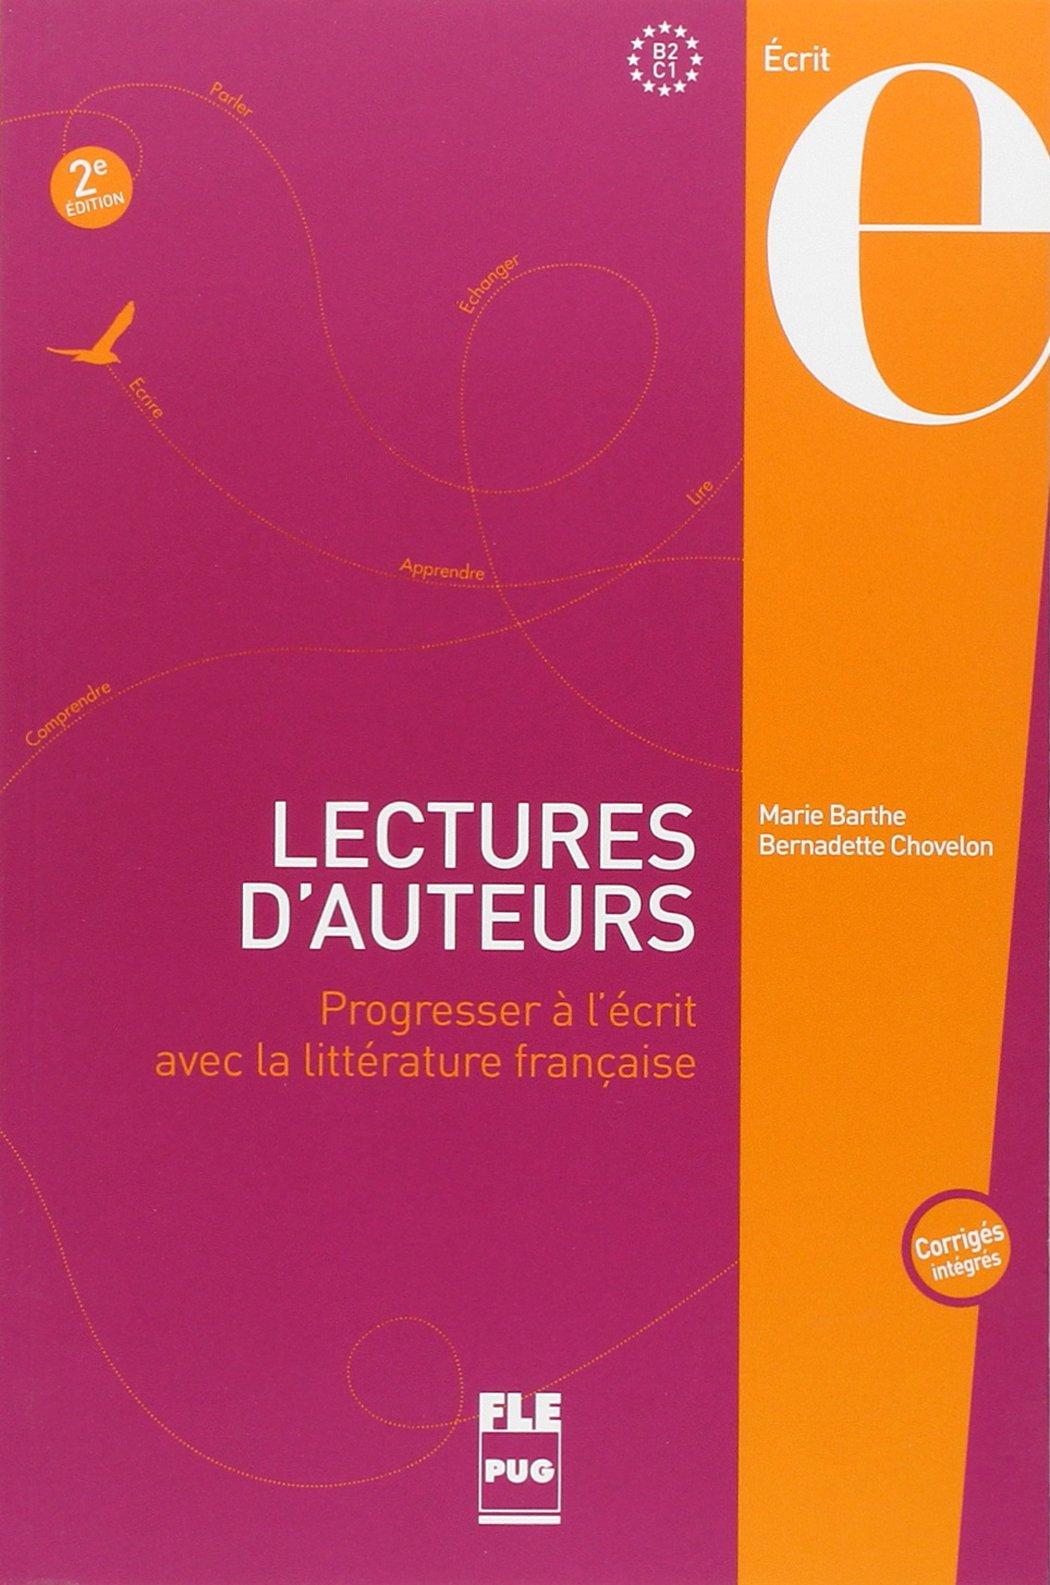 Lectures dauteurs - livre eleve avec corriges - 2edt: Amazon.es: Marie Barthe, Bernadette Chovelon: Libros en idiomas extranjeros